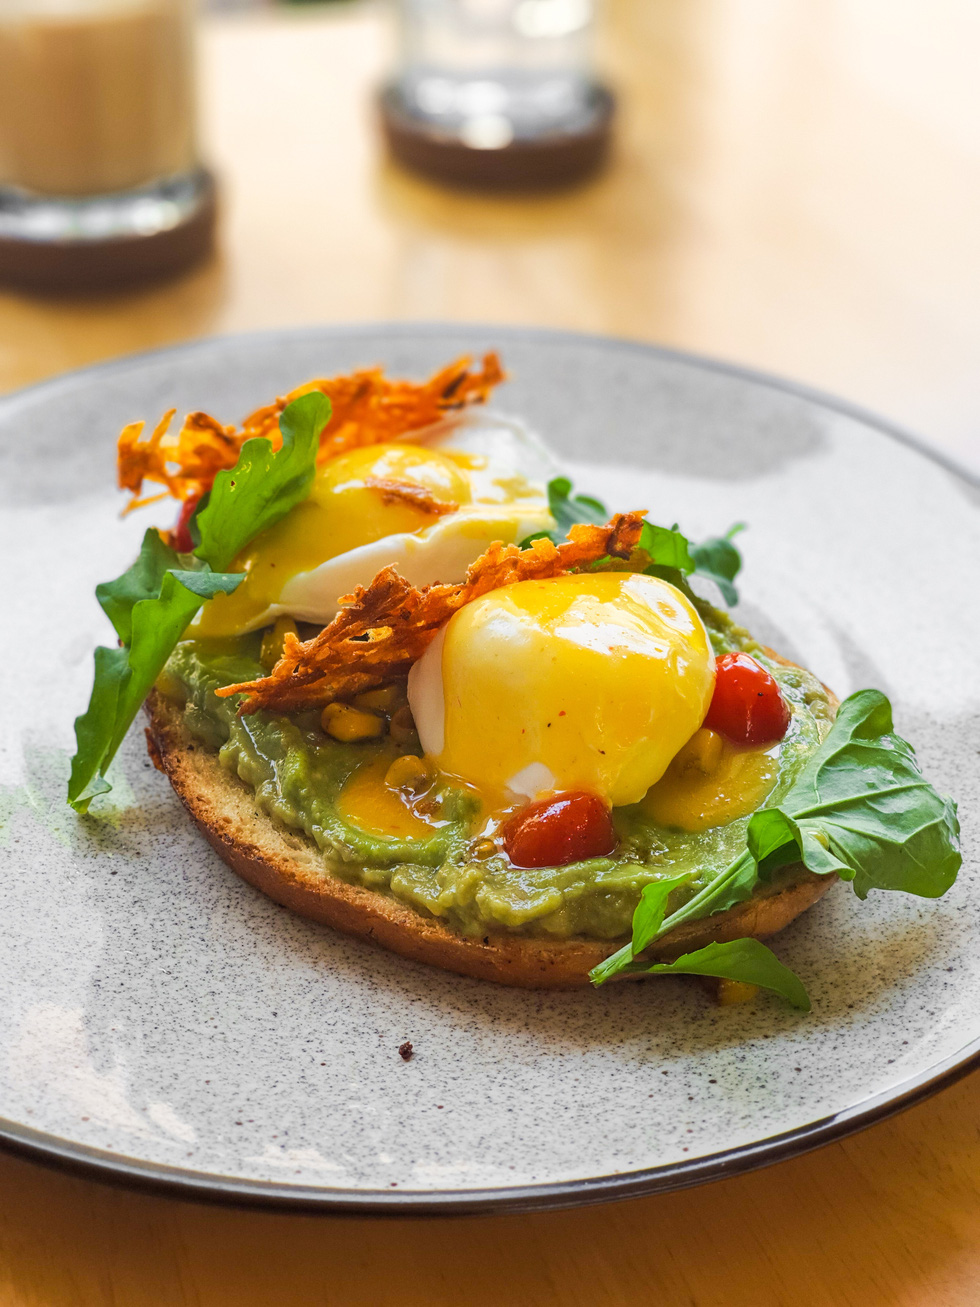 Trọn bộ bí kíp giúp bạn chụp ảnh món ăn hút ngàn like trên Instagram - Ảnh 3.